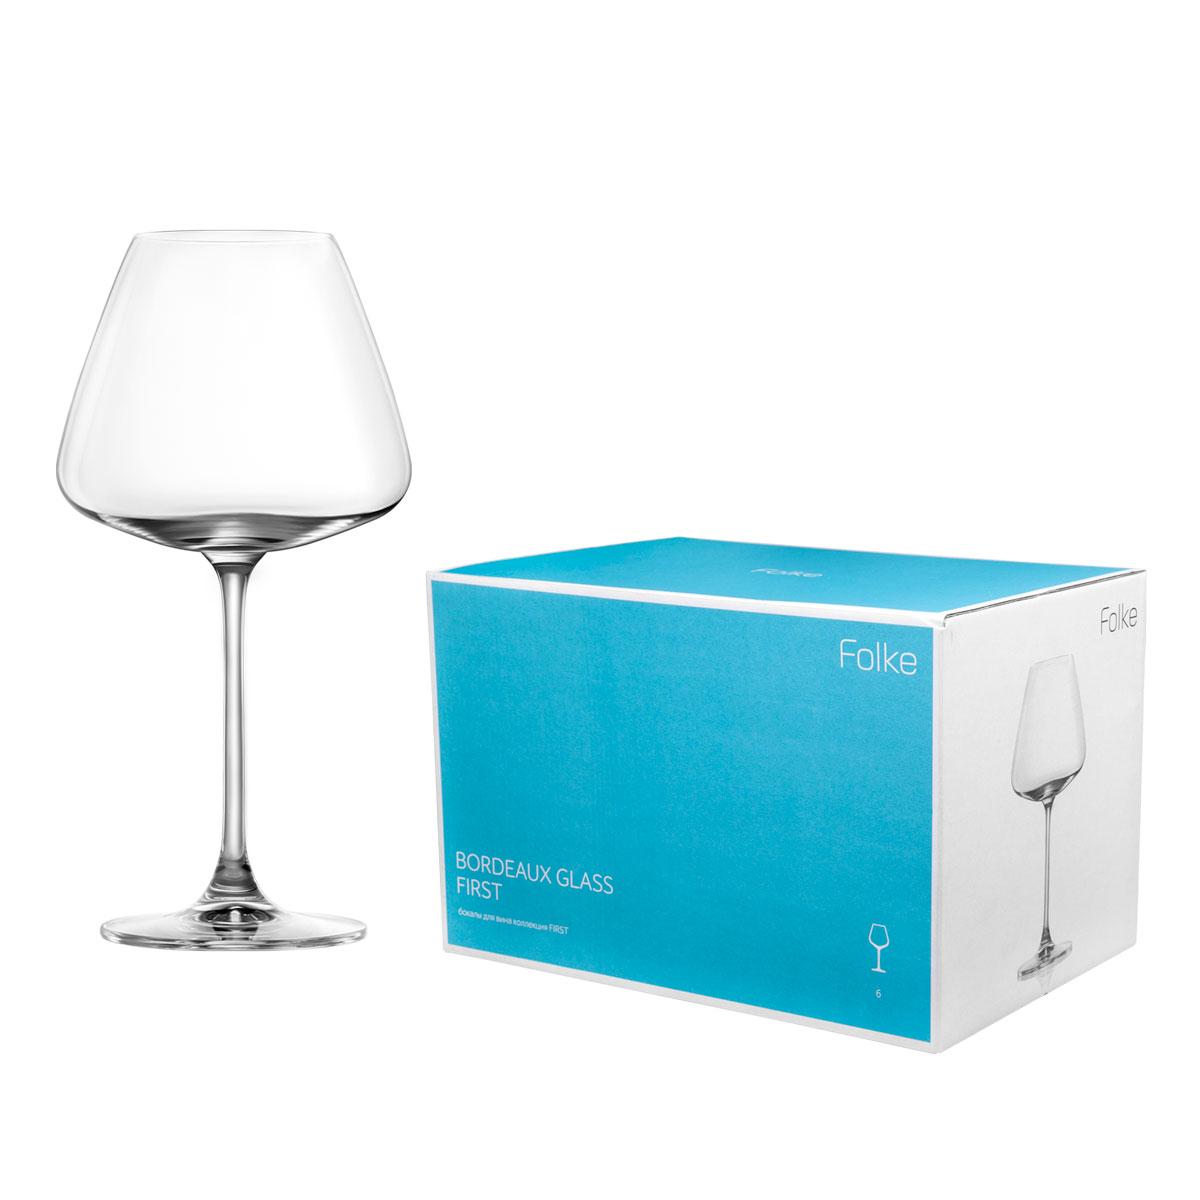 Набор бокалов для вина Folke Bordeux Glass, 590 мл, 6 предметов. 2007172U2007172UКоллекция First- это бокалы из бессвинцового хрусталя высшего качества. Наша продукция отличается исключительной чистотой и повышенной устойчивостью к механическим повреждениям. Улучшенные характеристики изделий позволяют использовать их повседневно в домашних условиях и в ресторанном бизнесе. Оригинальный дизайн позволяет любому напитку полностью раскрыться и заиграть новыми красками. Это поистине уникальное творение современных технологий и многолетнего опыта лучших мировых сомелье.